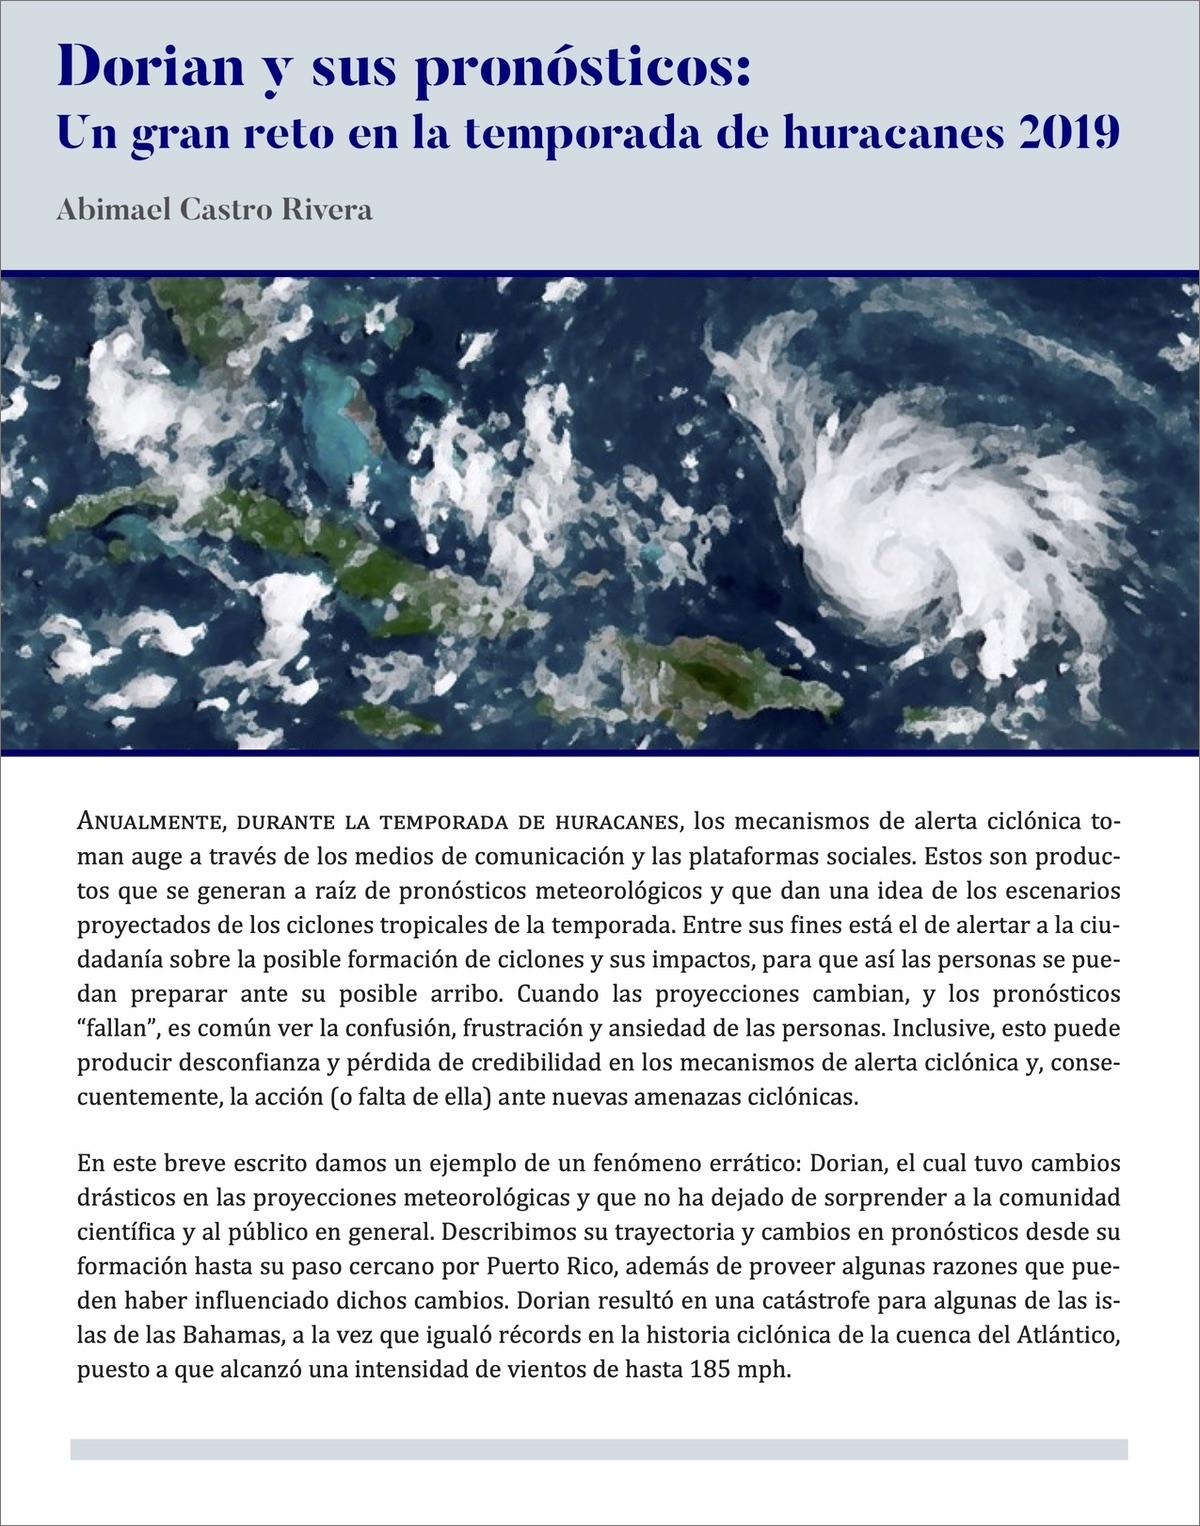 Dorian y sus pronósticos: Un gran reto en la temporada de huracanes 2019